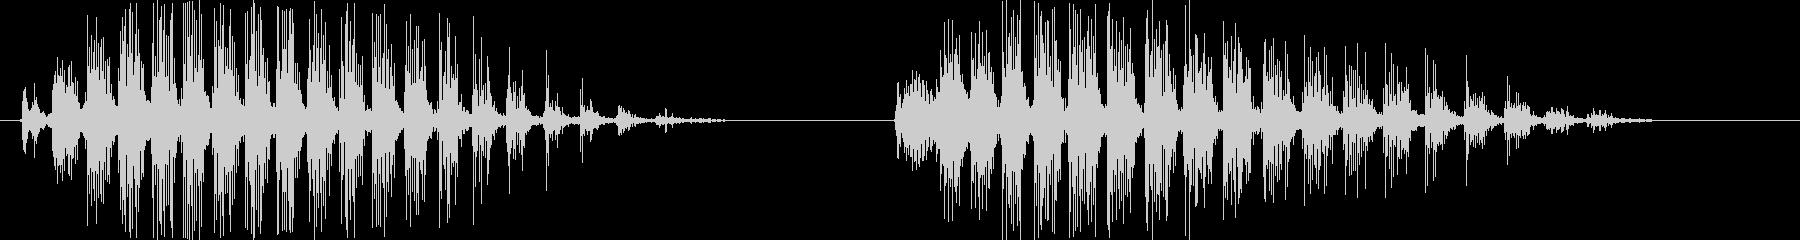 カララカララ(カラスの鳴き声)擬音唸り2の未再生の波形